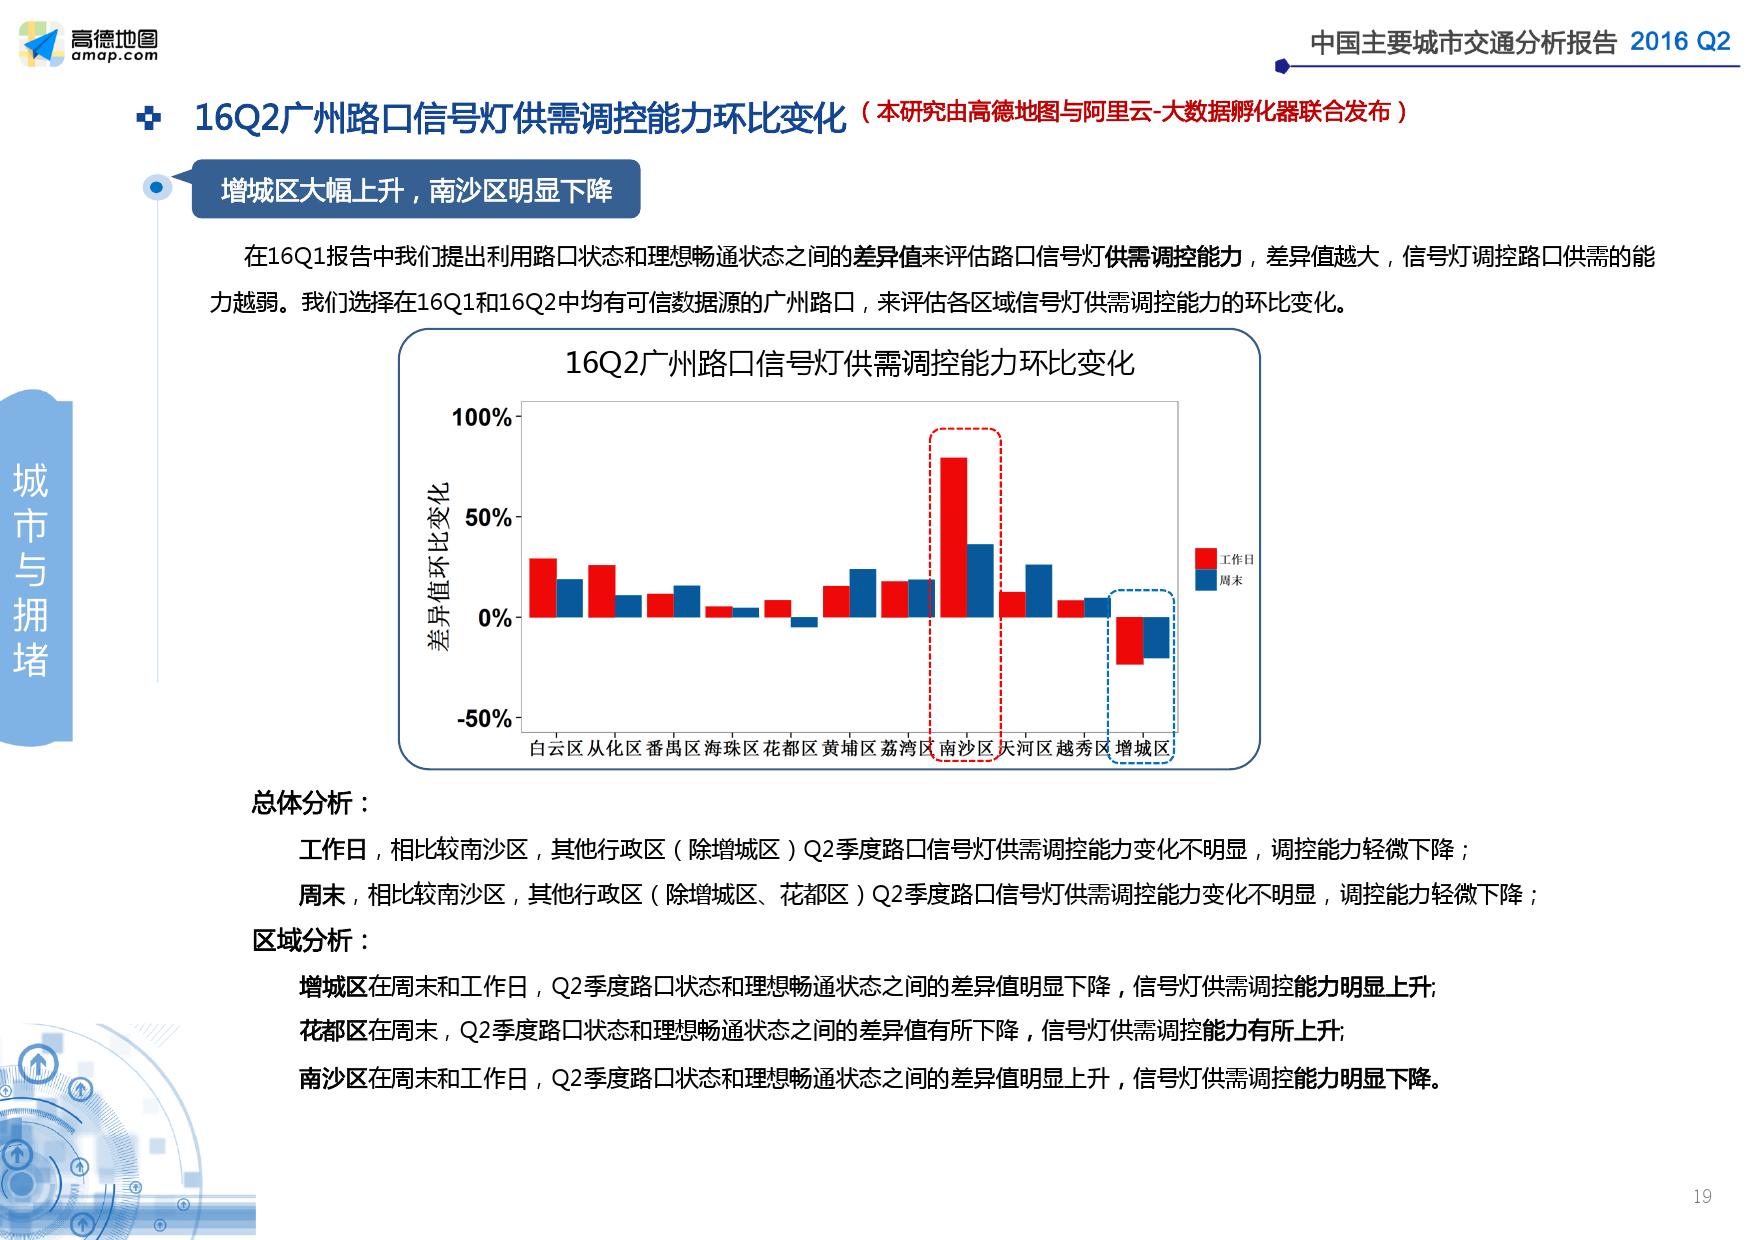 2016年Q2中国主要城市交通分析报告_000019